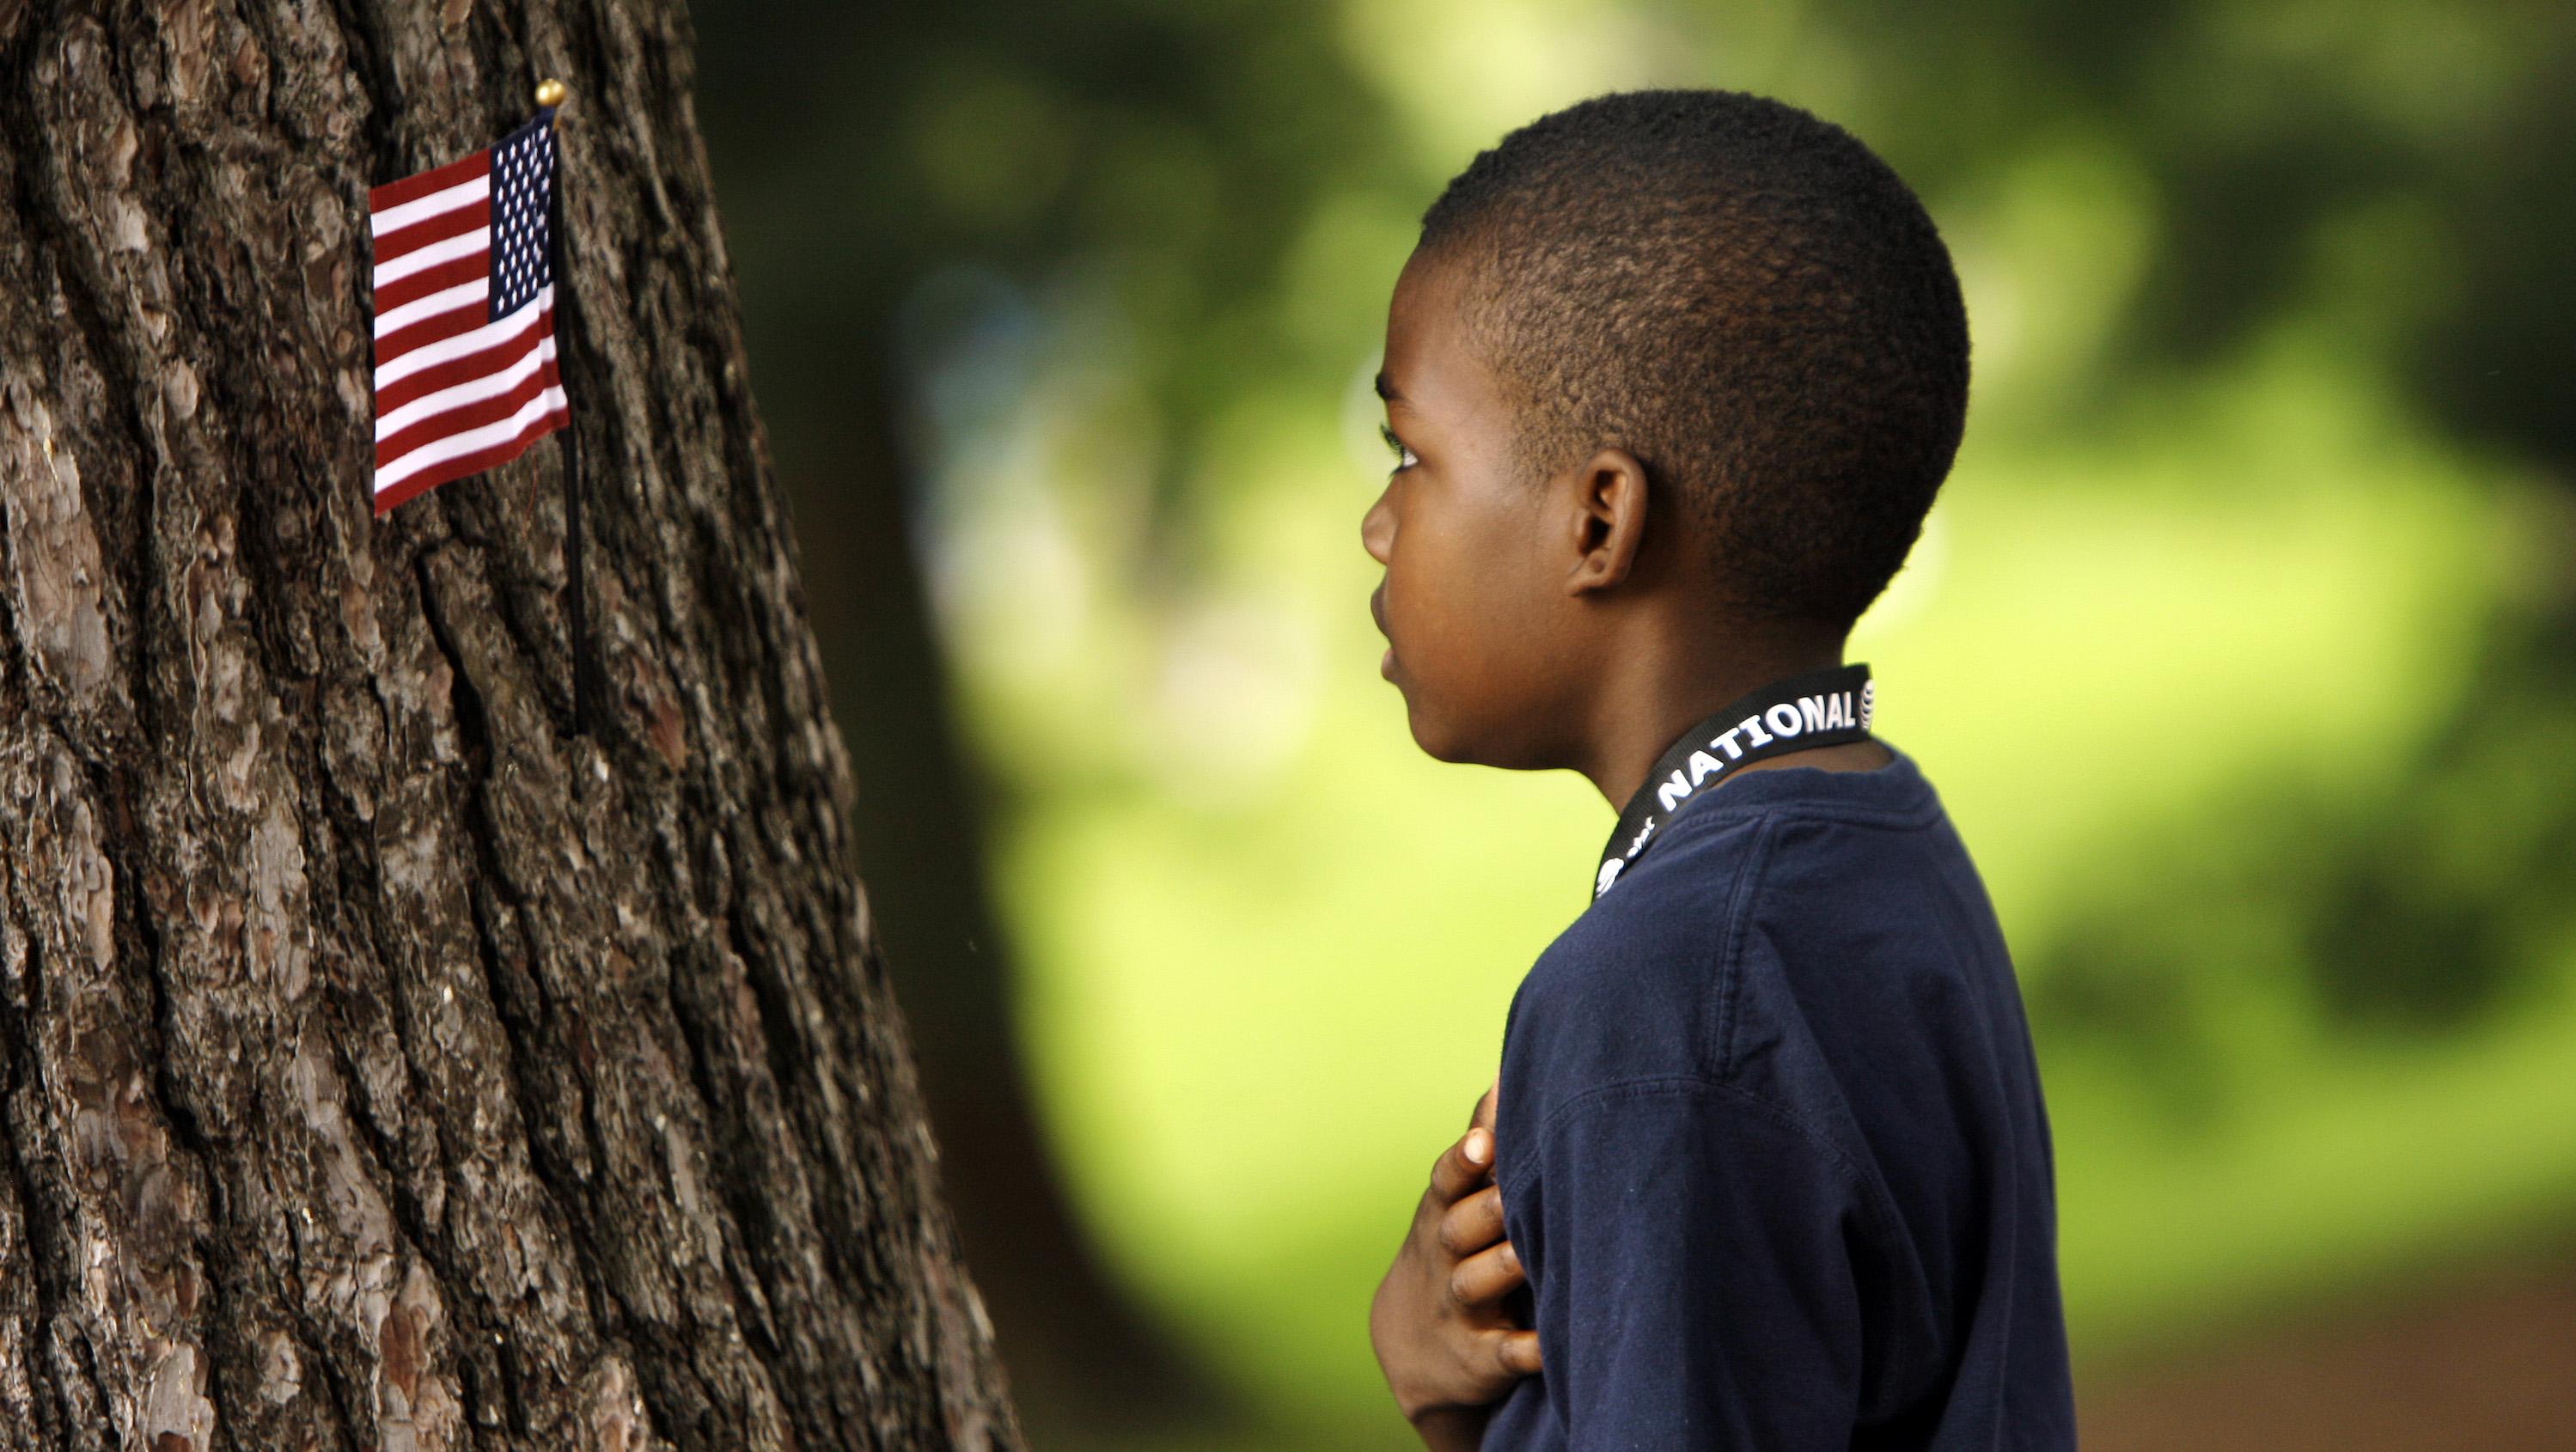 child pledge allegiance